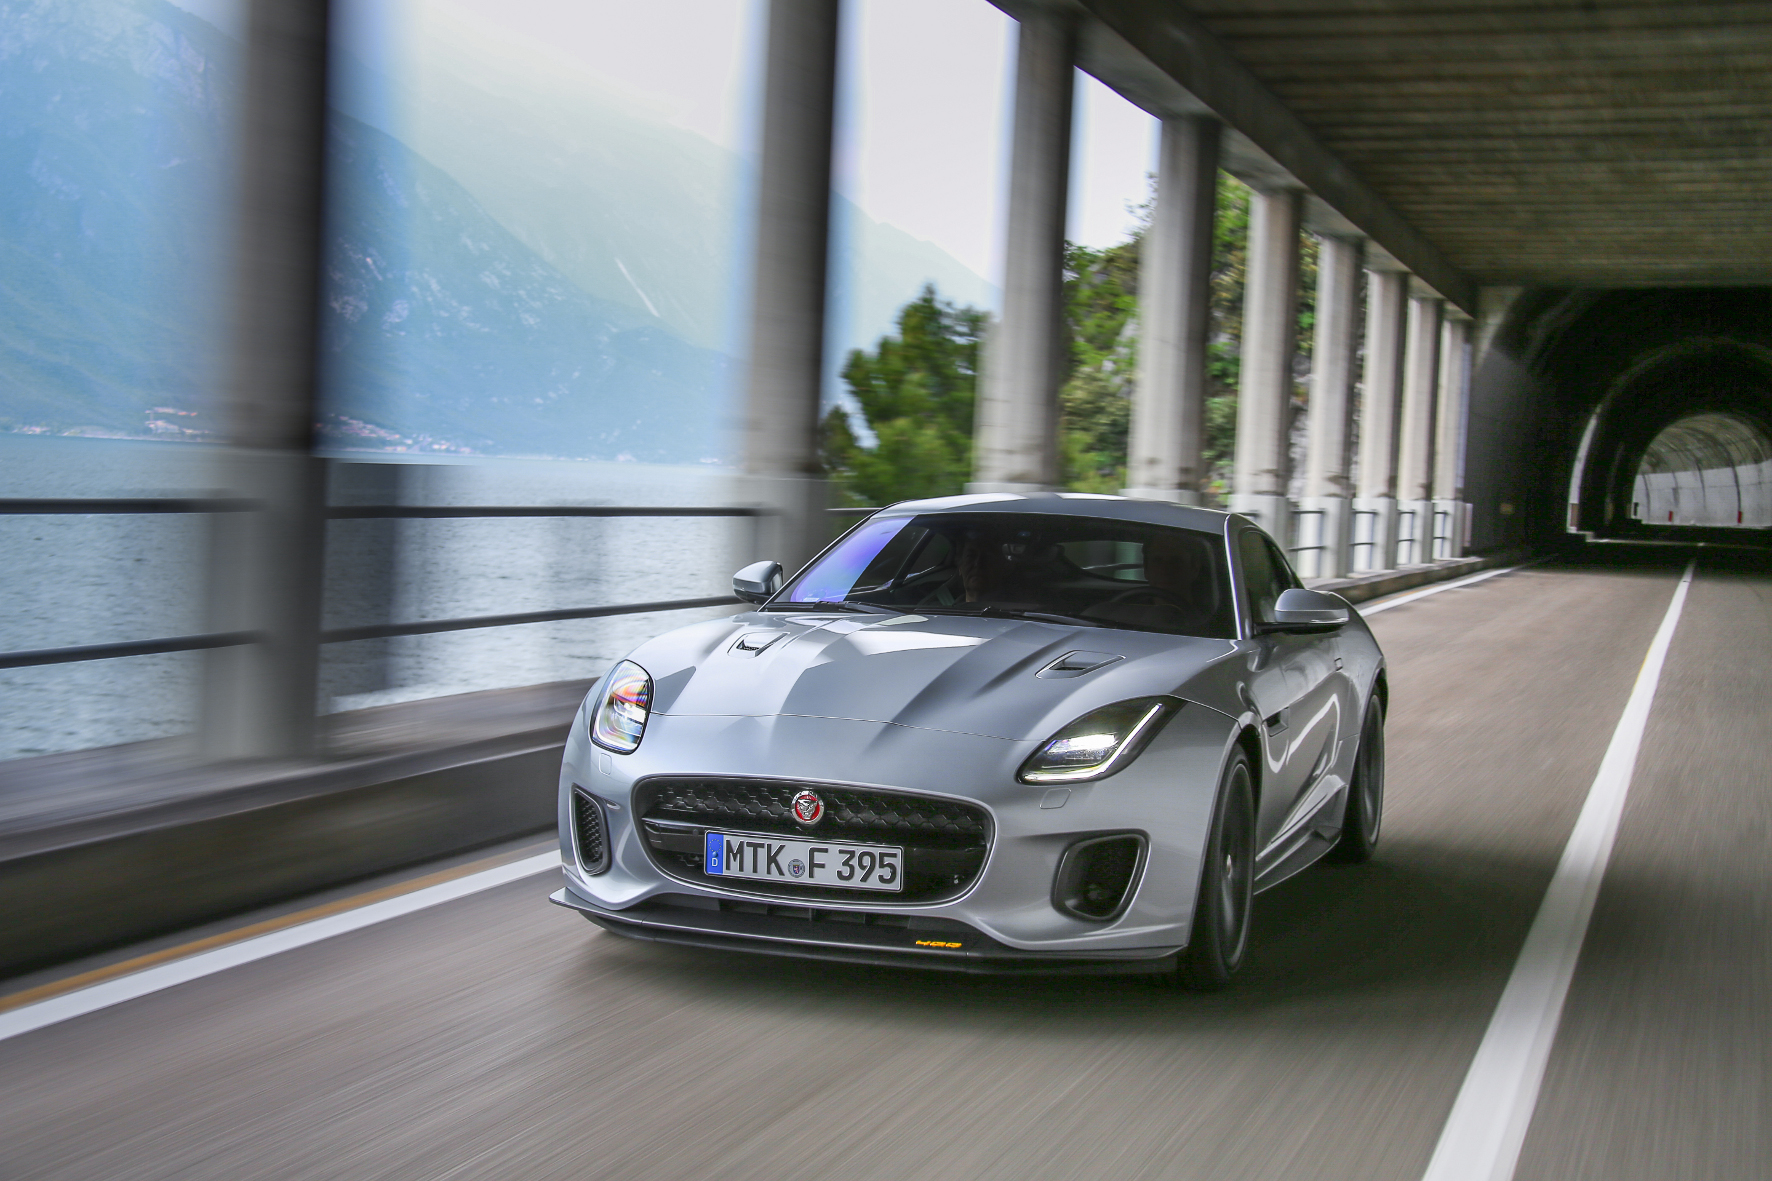 Den Jaguar im Tunnel mit erstklassigem Klang genießen